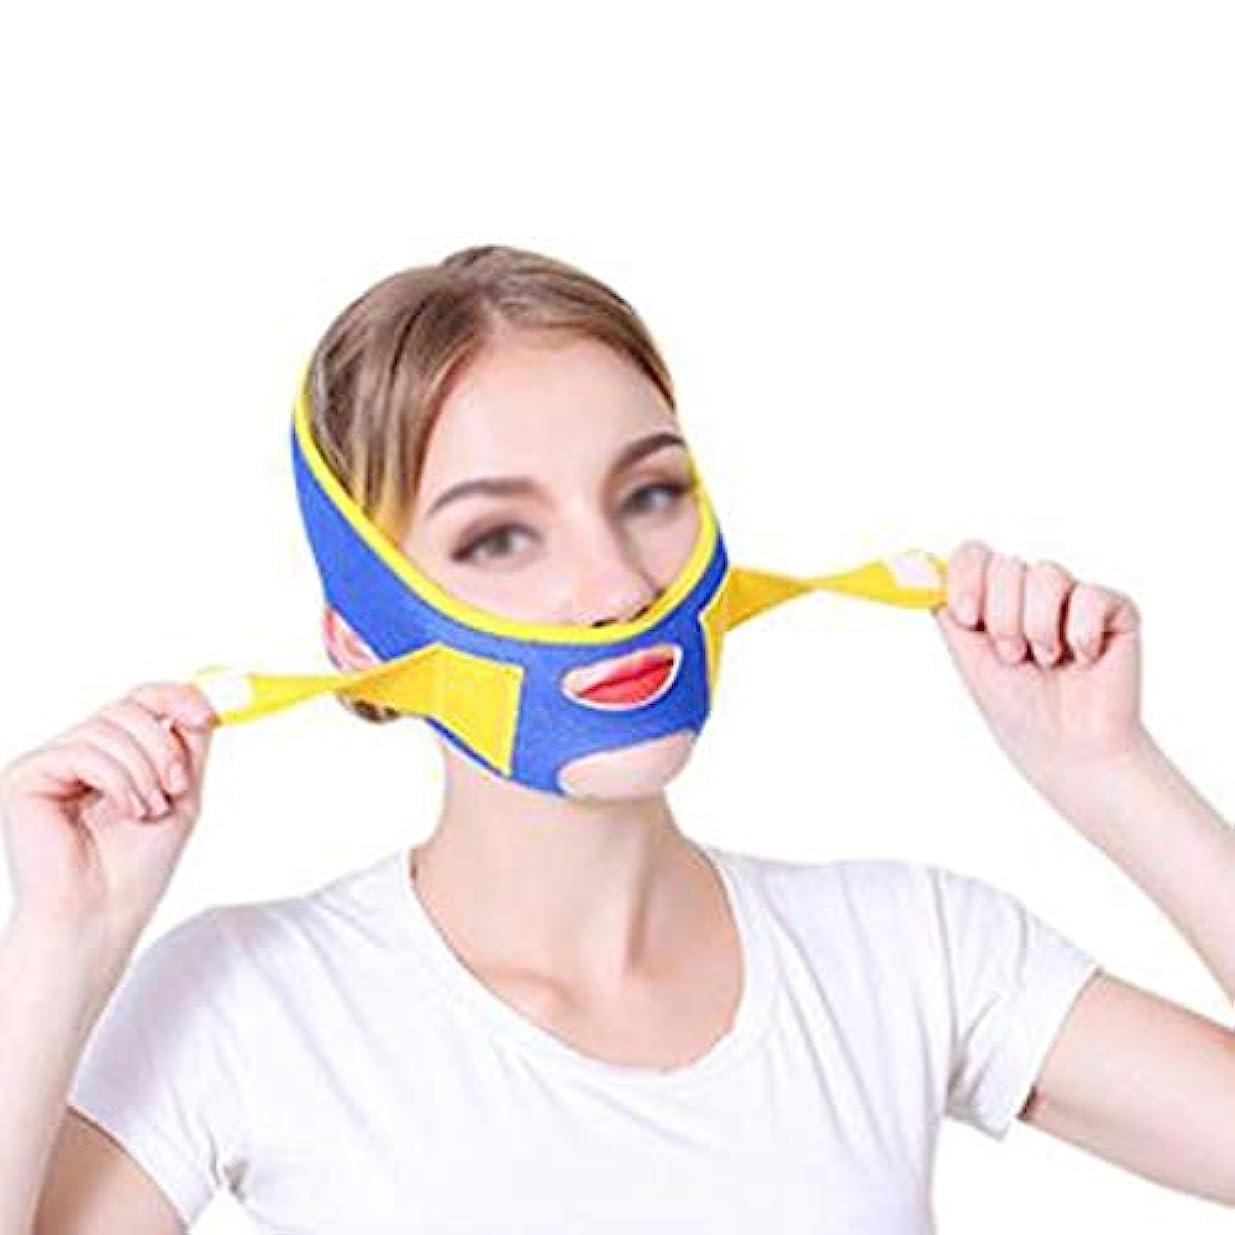 威信ピック外側ZWBD フェイスマスク, リフティングフェイスマスク抗たるみVフェイスリフティング包帯を布布する薄い二重あご通気性睡眠マスクギフト